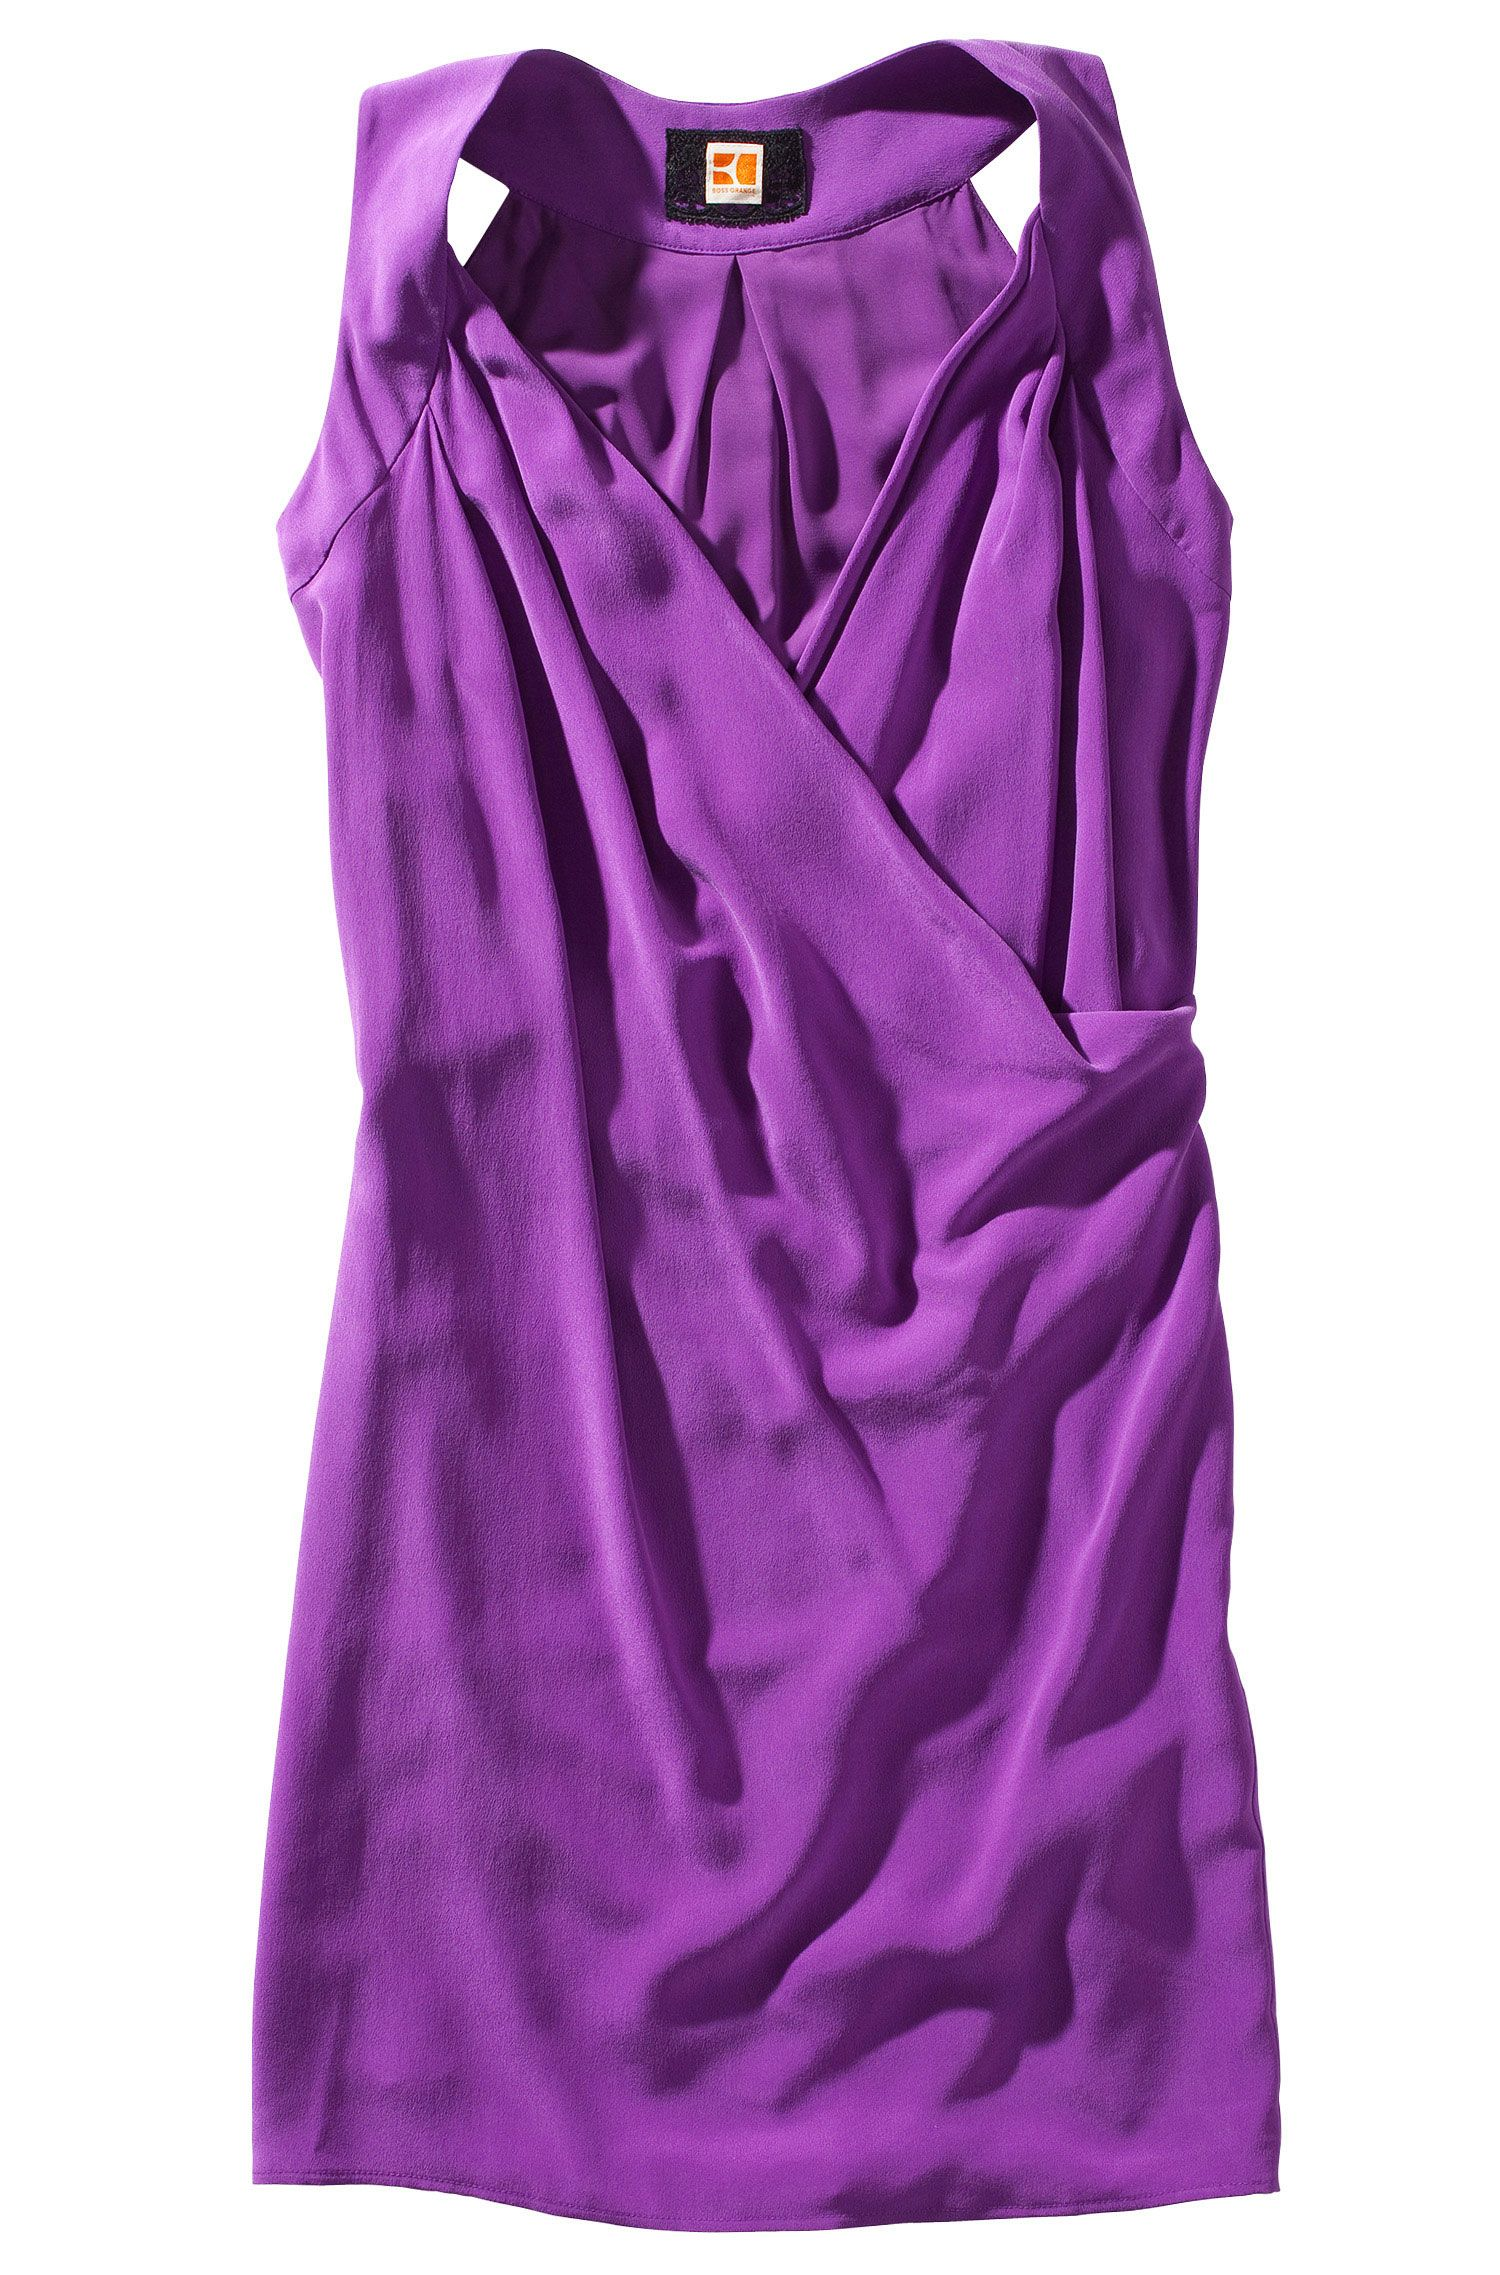 Robe design en soie, Achrista